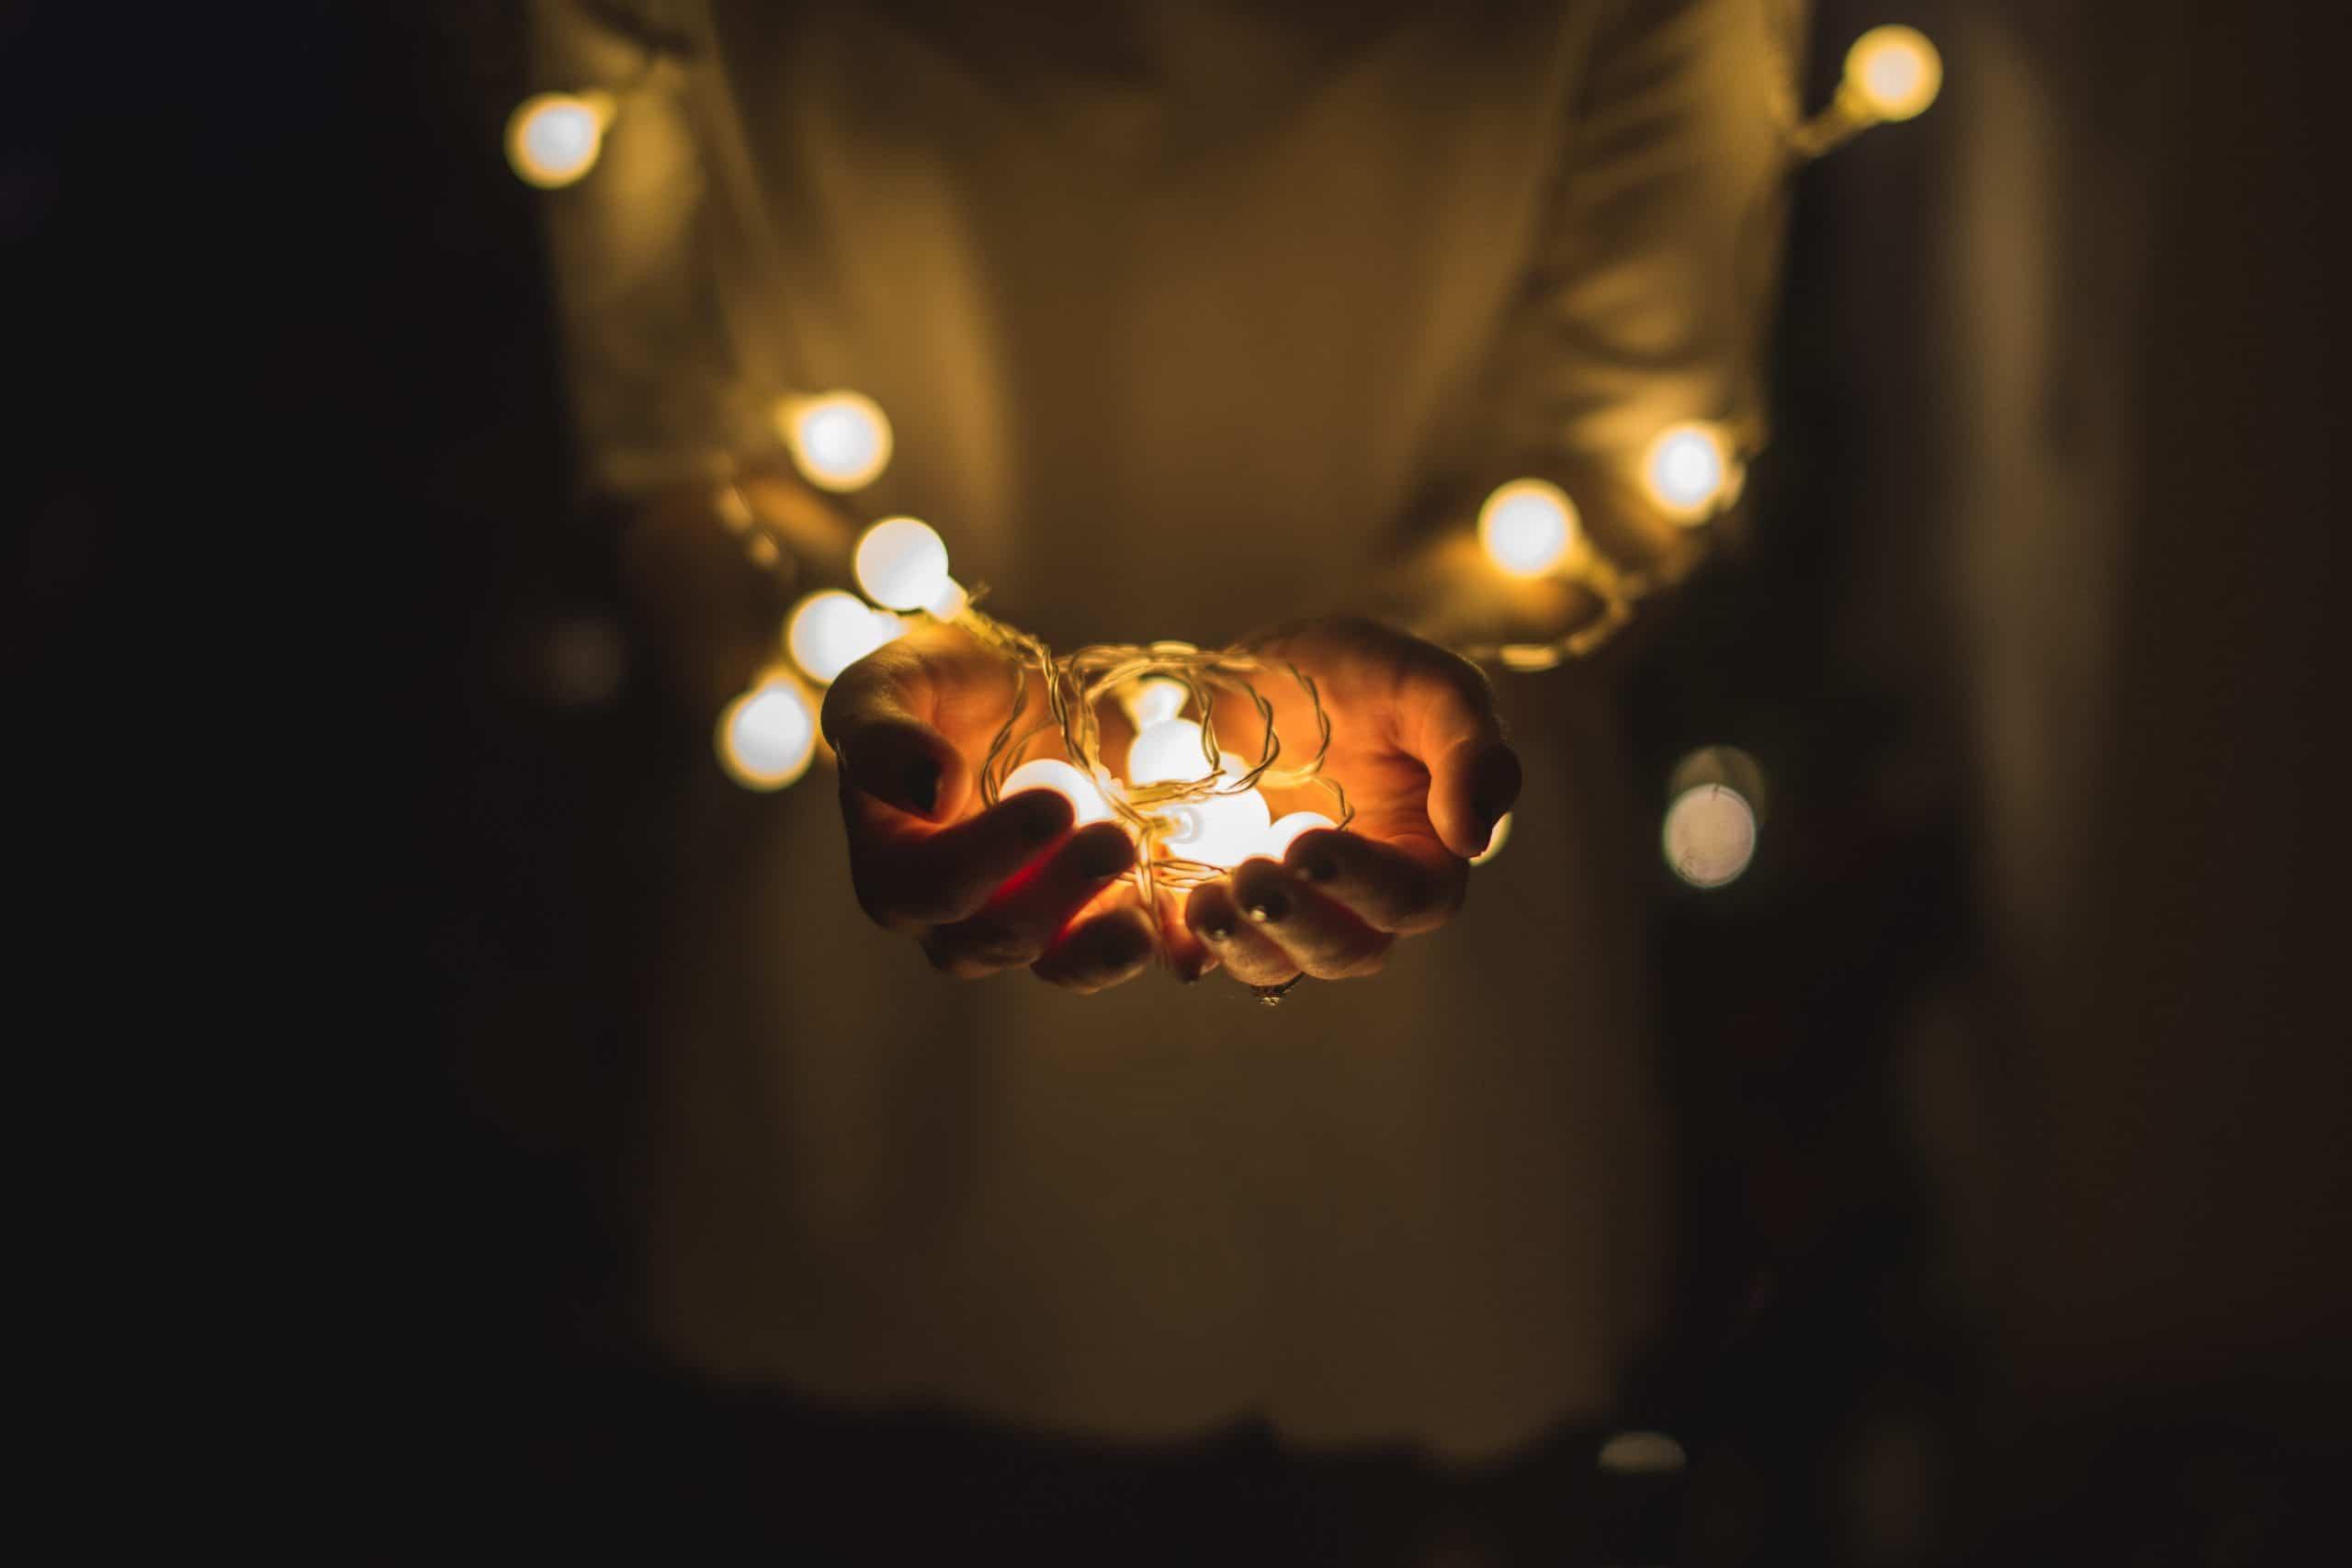 Mãos unidas em frente ao corpo com bolinhas de luz